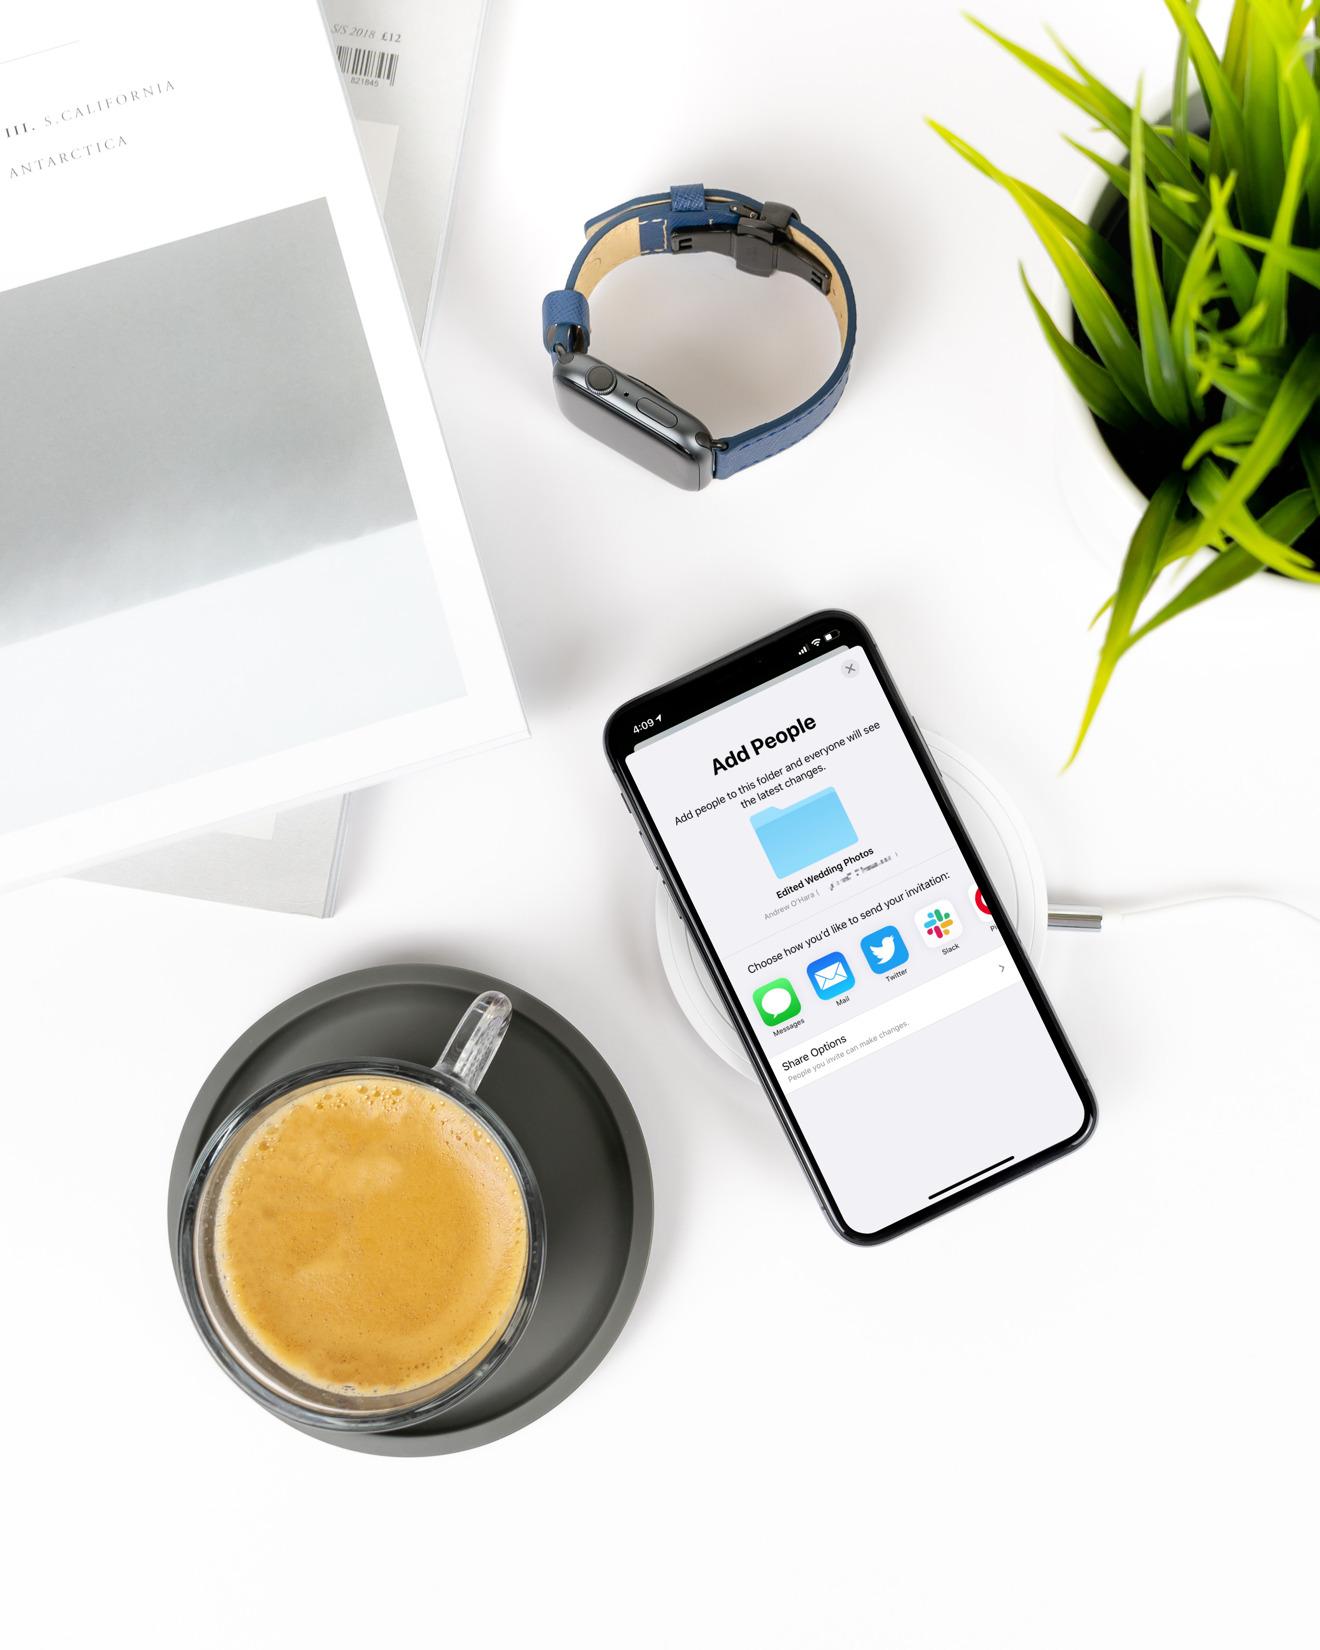 iCloud Folder Sharing